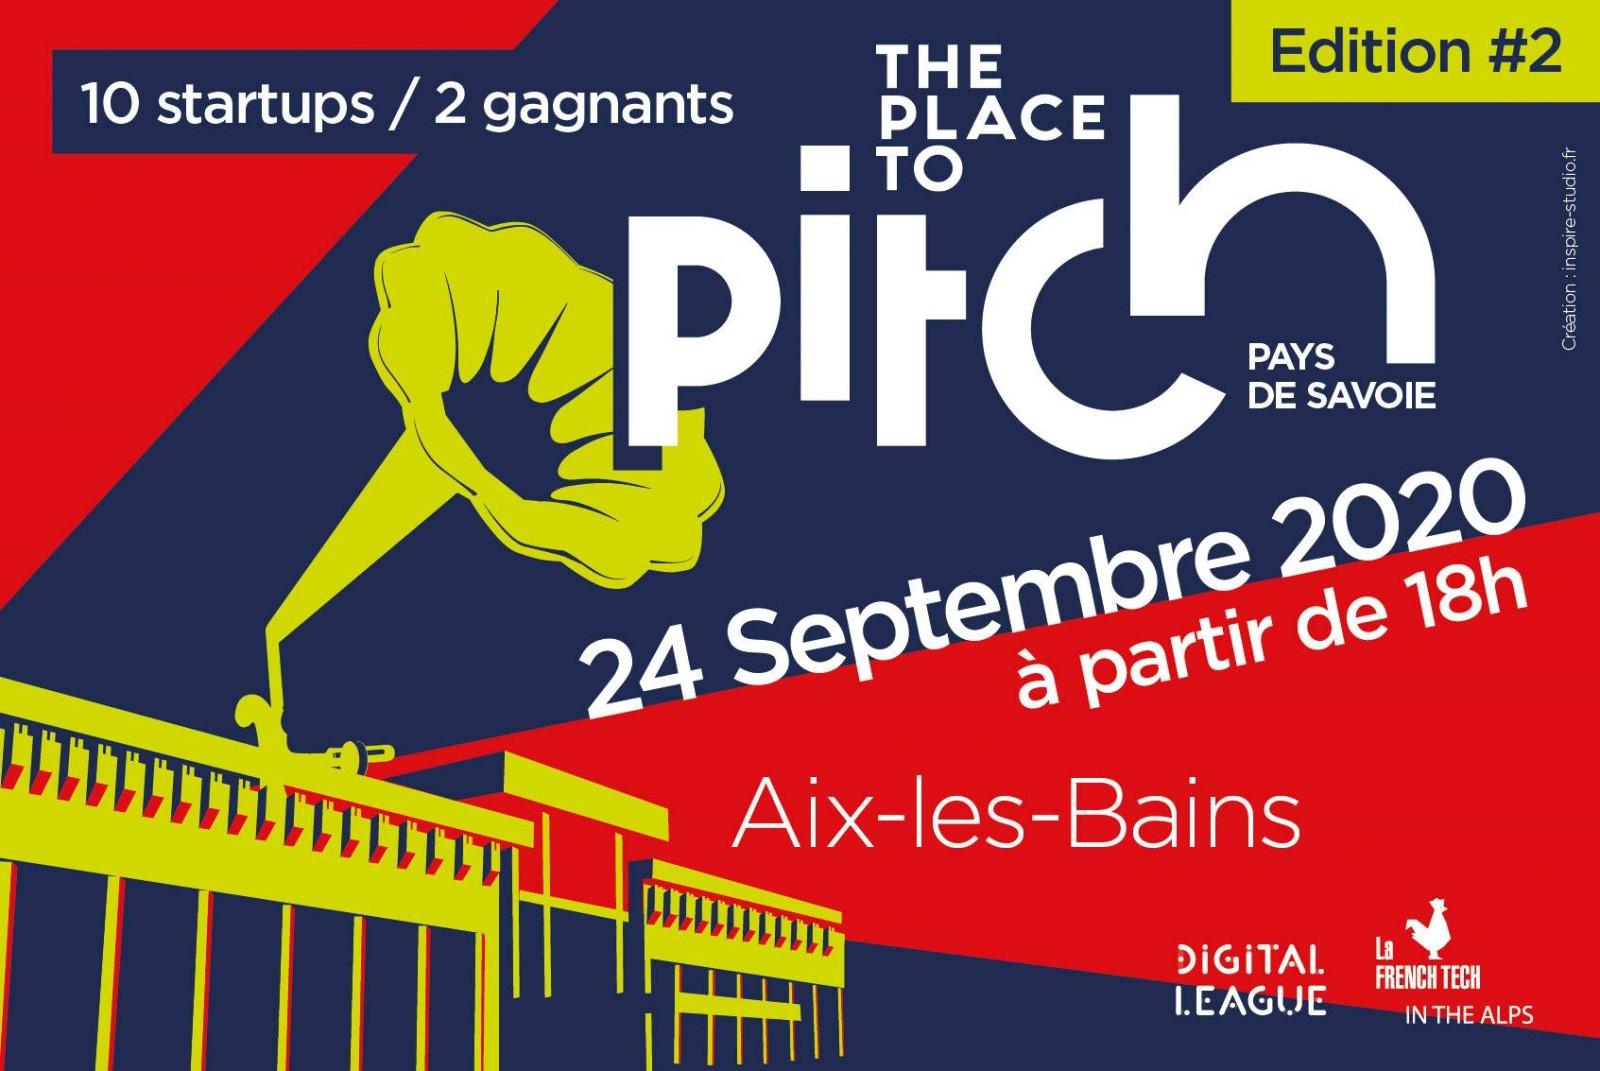 """Concours """"The Place to Pitch"""" : Hooa en haut du podium !"""